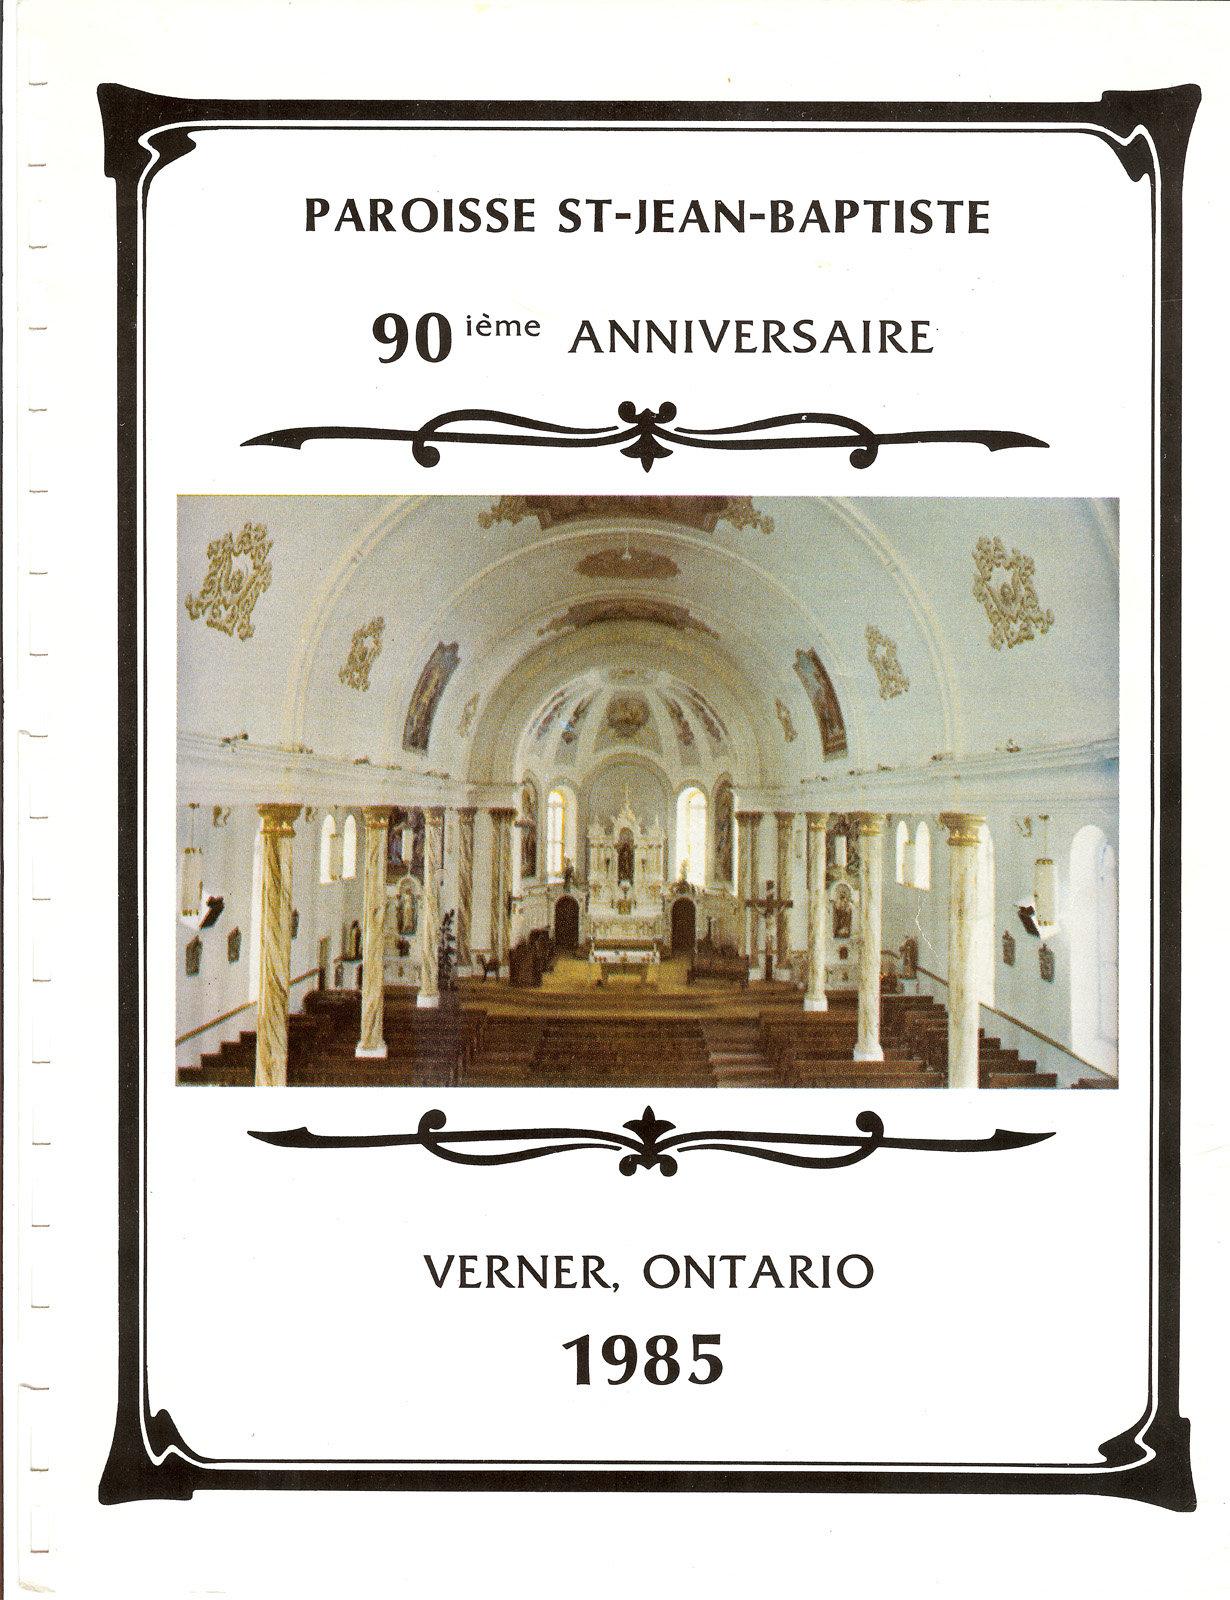 Paroisse St-Jean-Baptiste 90ième anniversaire